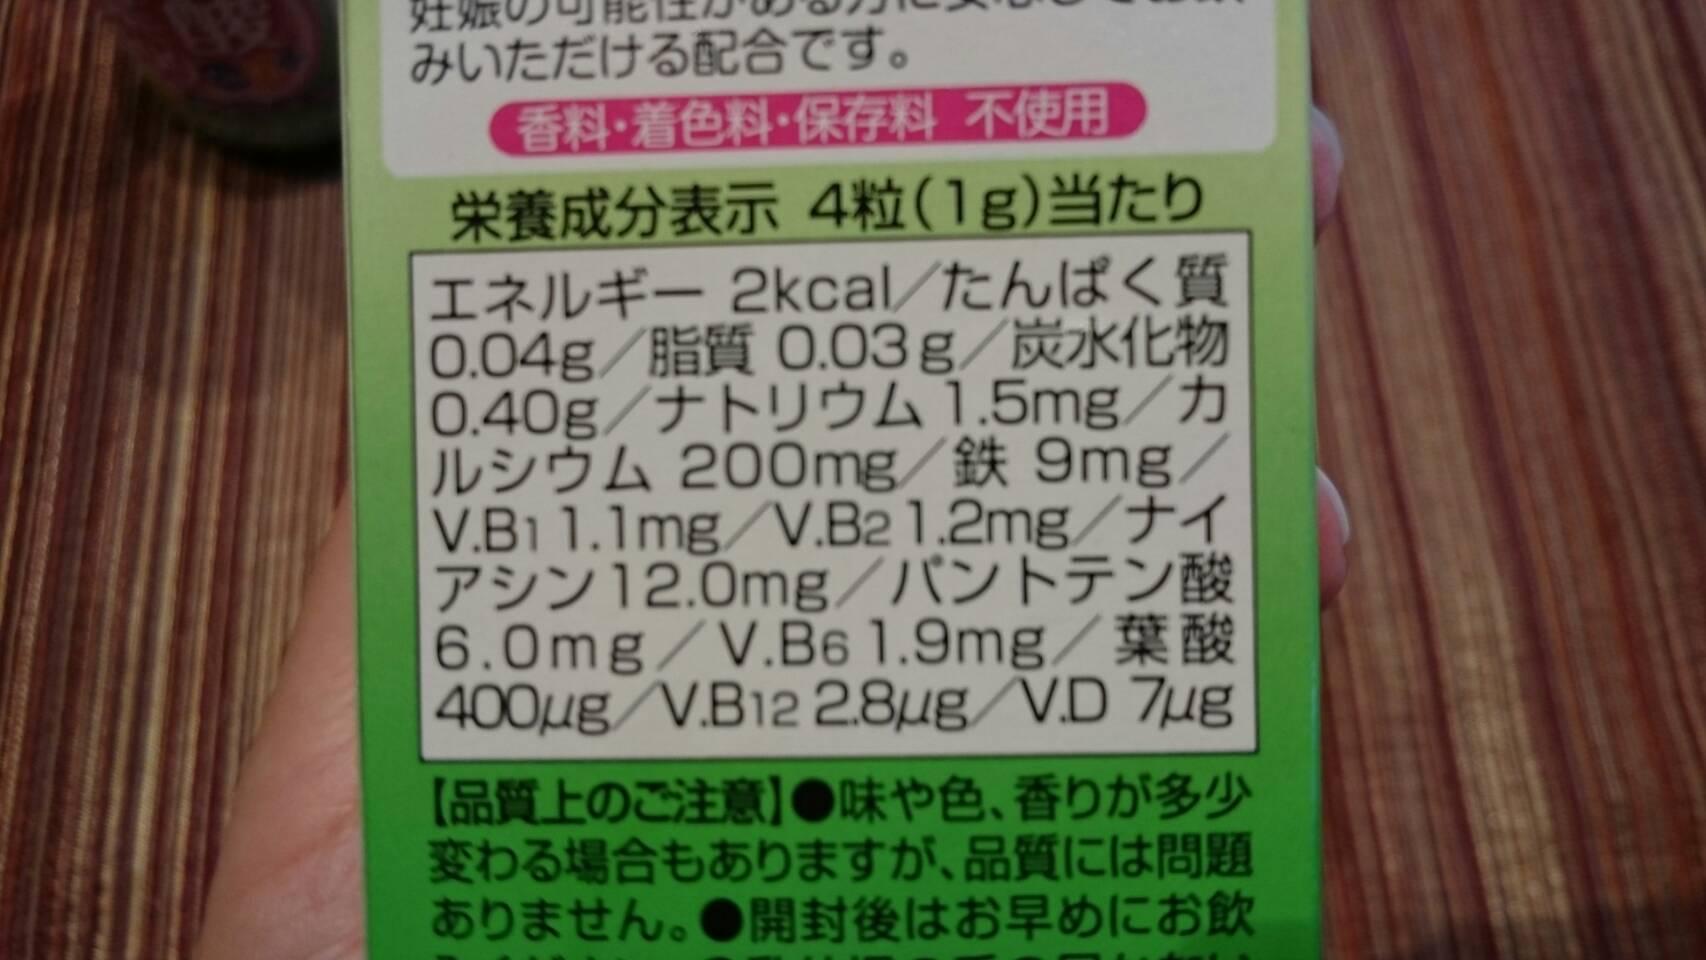 葉酸400 ca・feプラスの栄養成分